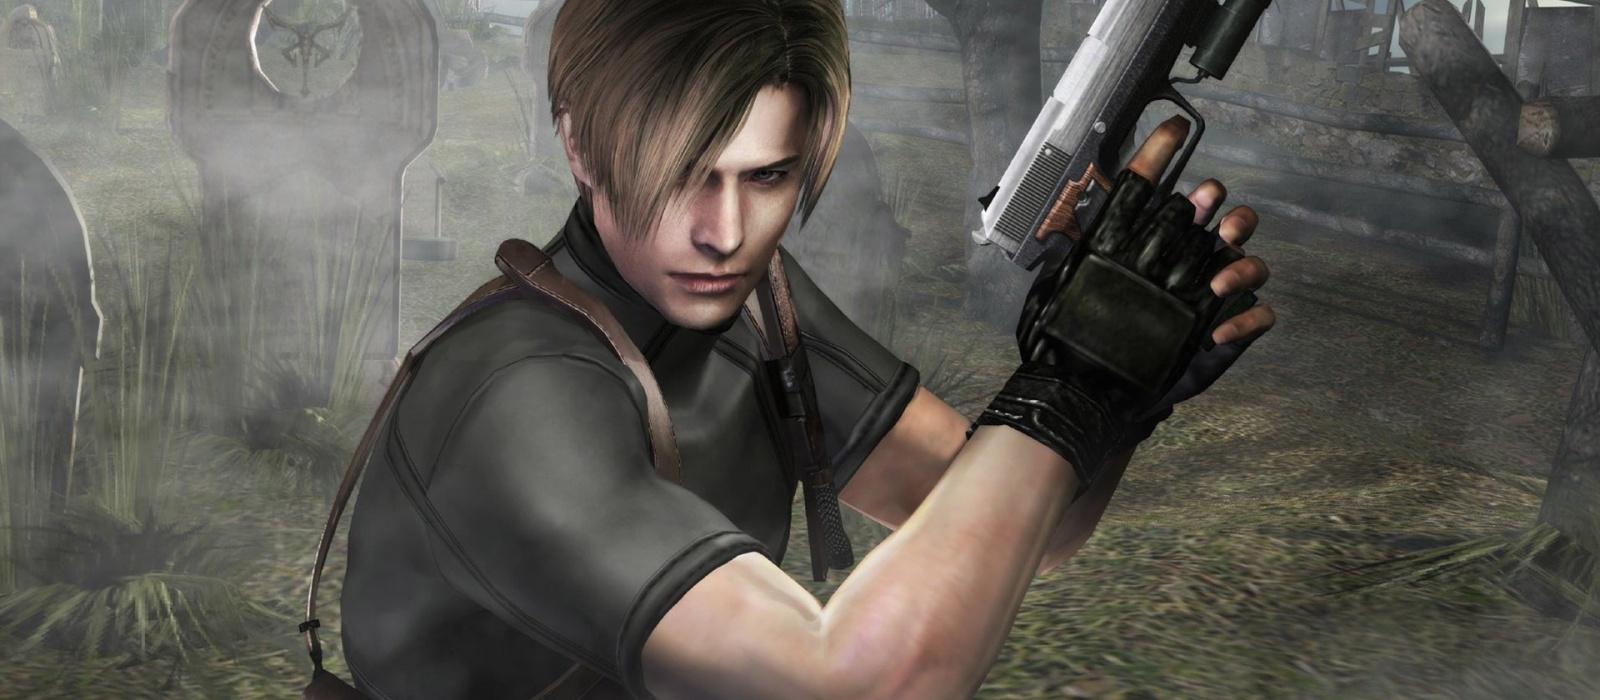 Der Autor des Remasters von Resident Evil 4 zeigte, wie viel cooler das Spiel geworden ist - Screenshots und Gameplay des Mercenaries-Modus